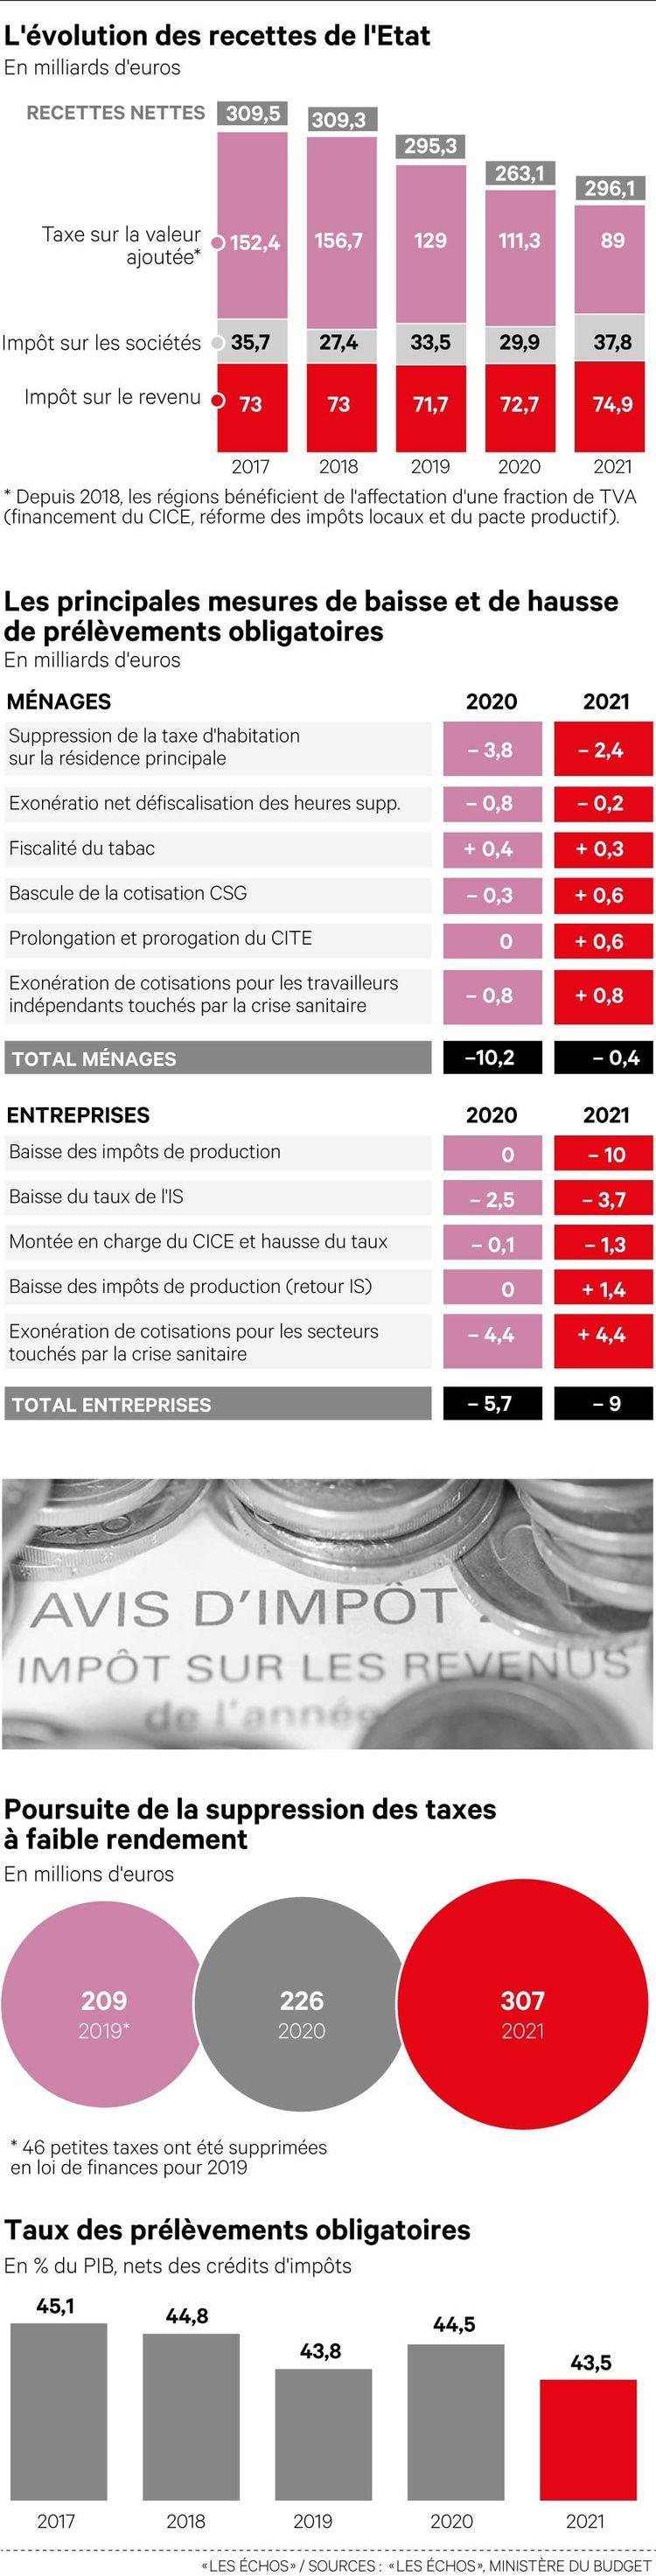 Projet De Loi De Finances 2022 Calendrier Budget 2021 : Bercy fait le pari de la baisse des impôts des